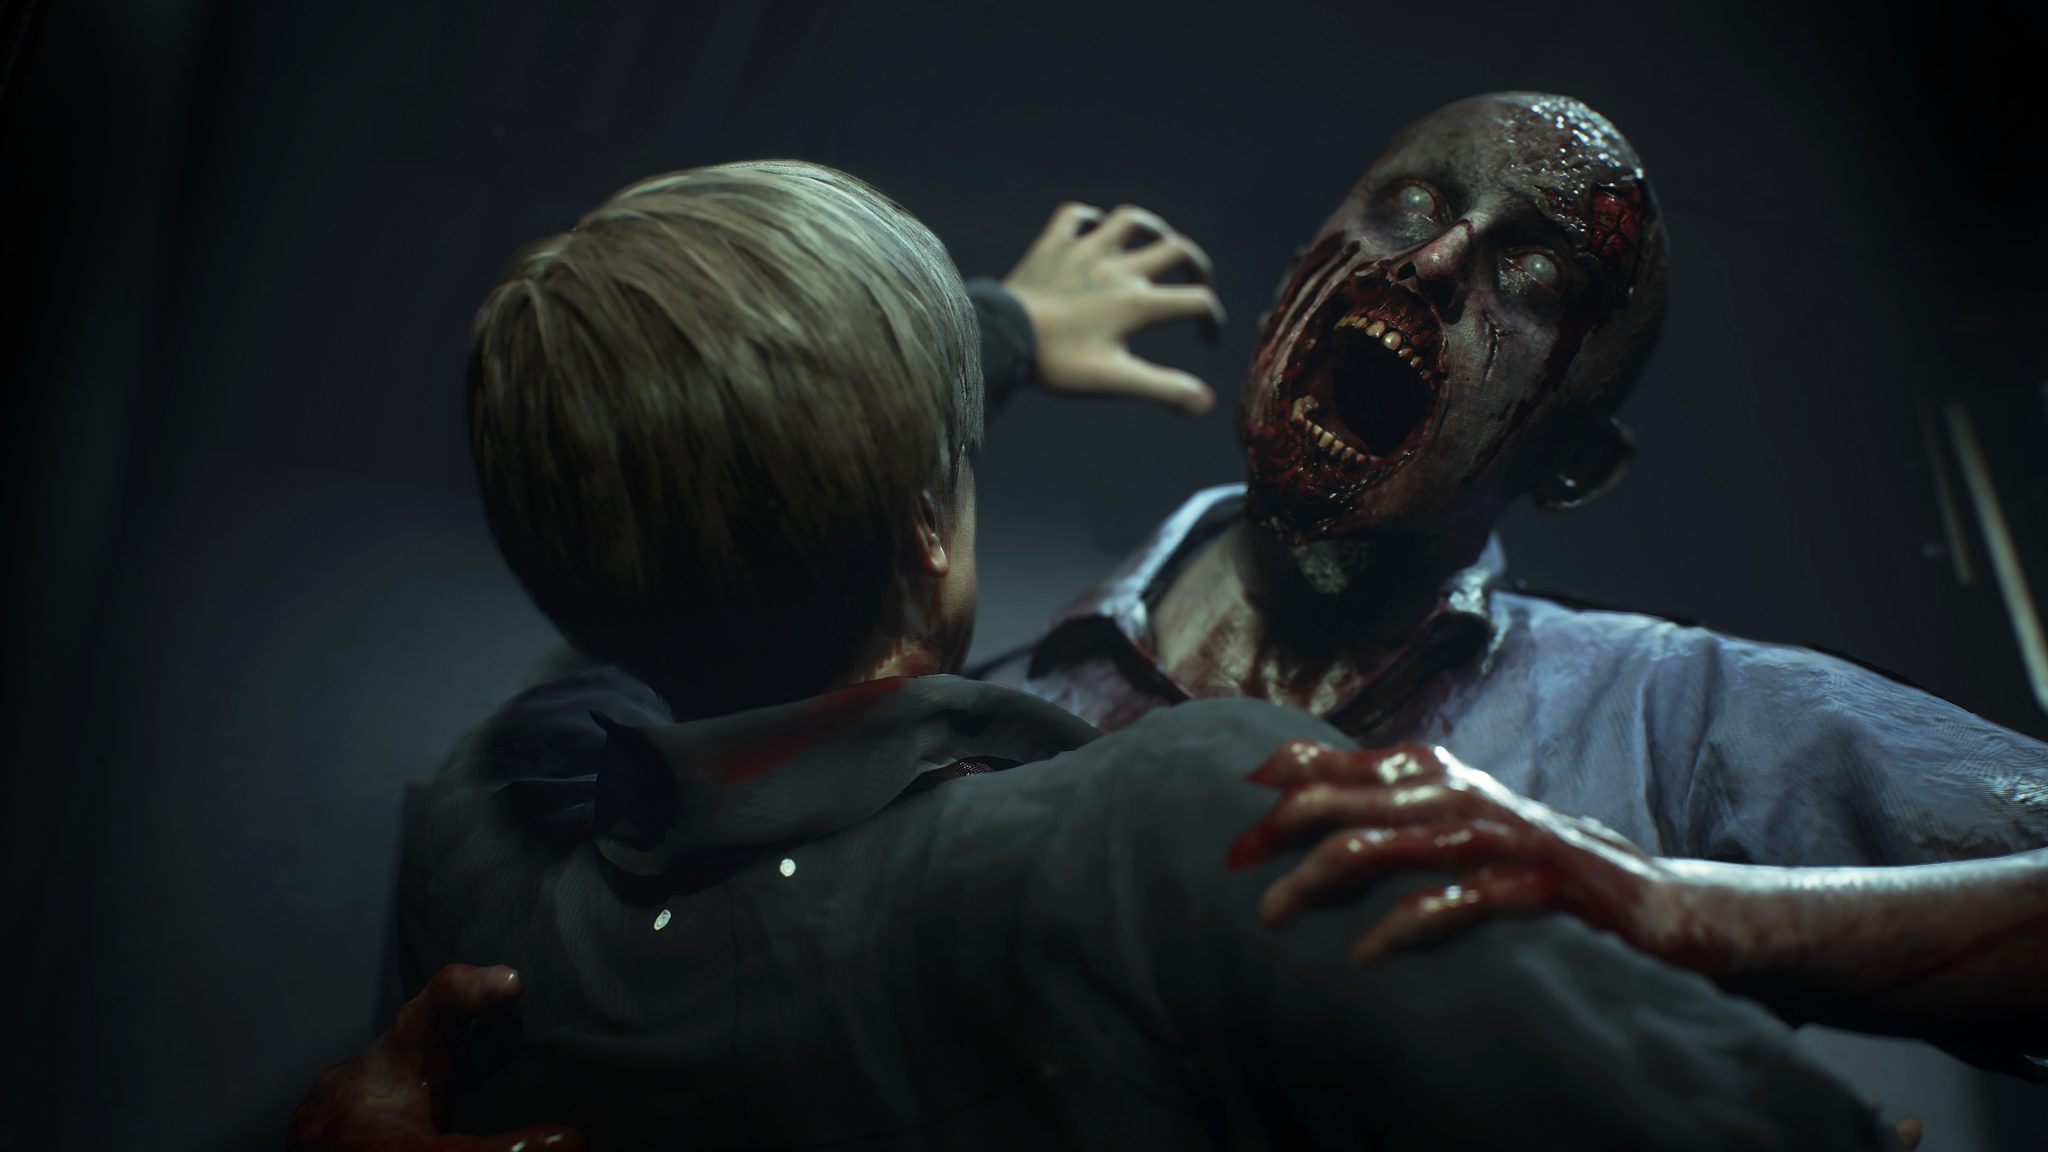 resident-evil-2-remake-screenshots-e3-2018-17.jpg - Resident Evil 2